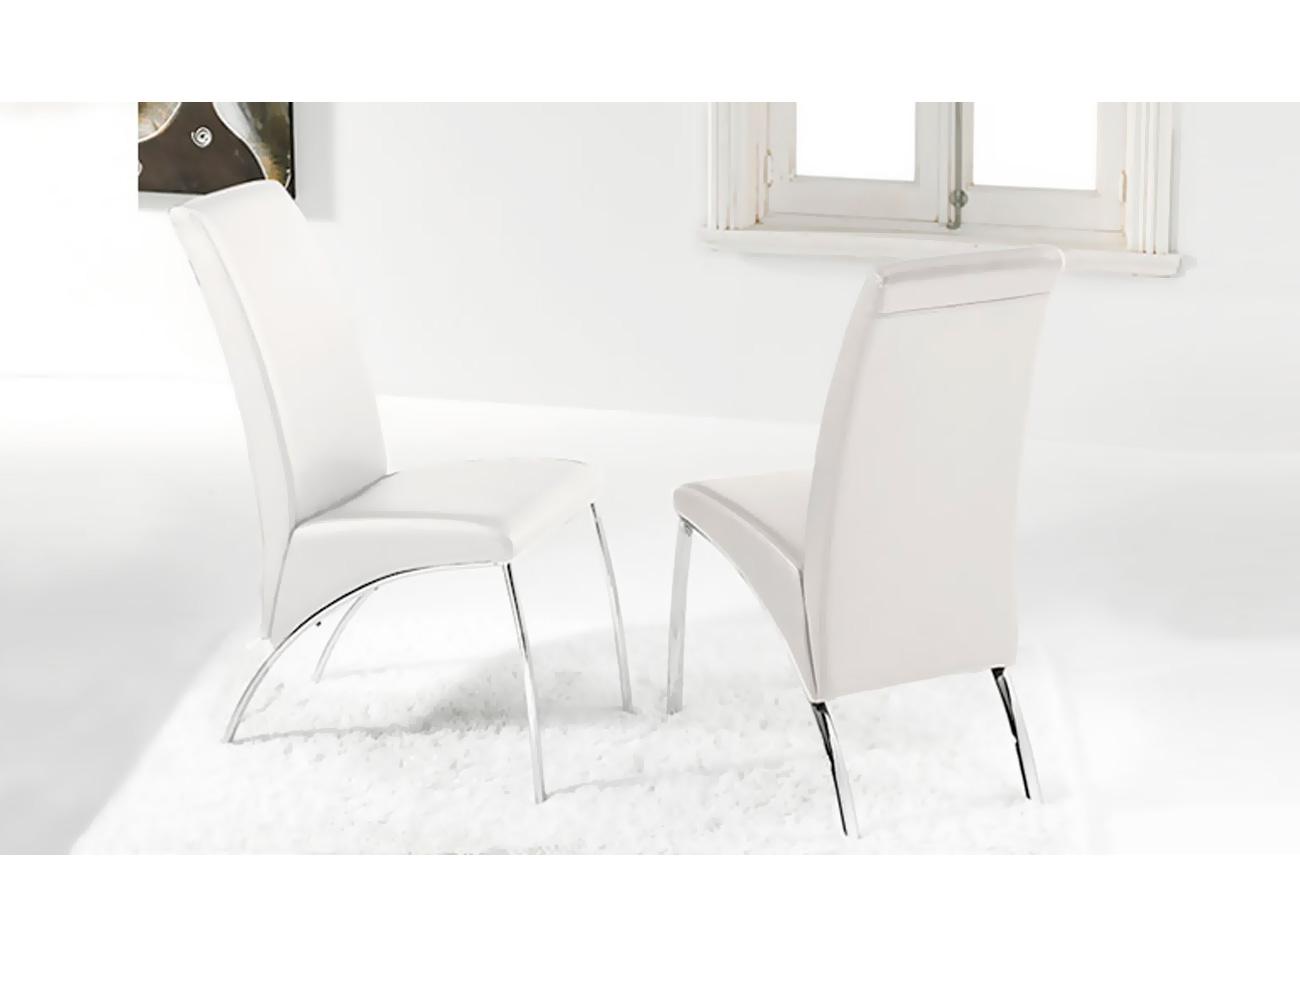 Silla comedor tapizada en polipiel blanco con patas cromadas factory del mueble utrera - Sillas comedor polipiel ...